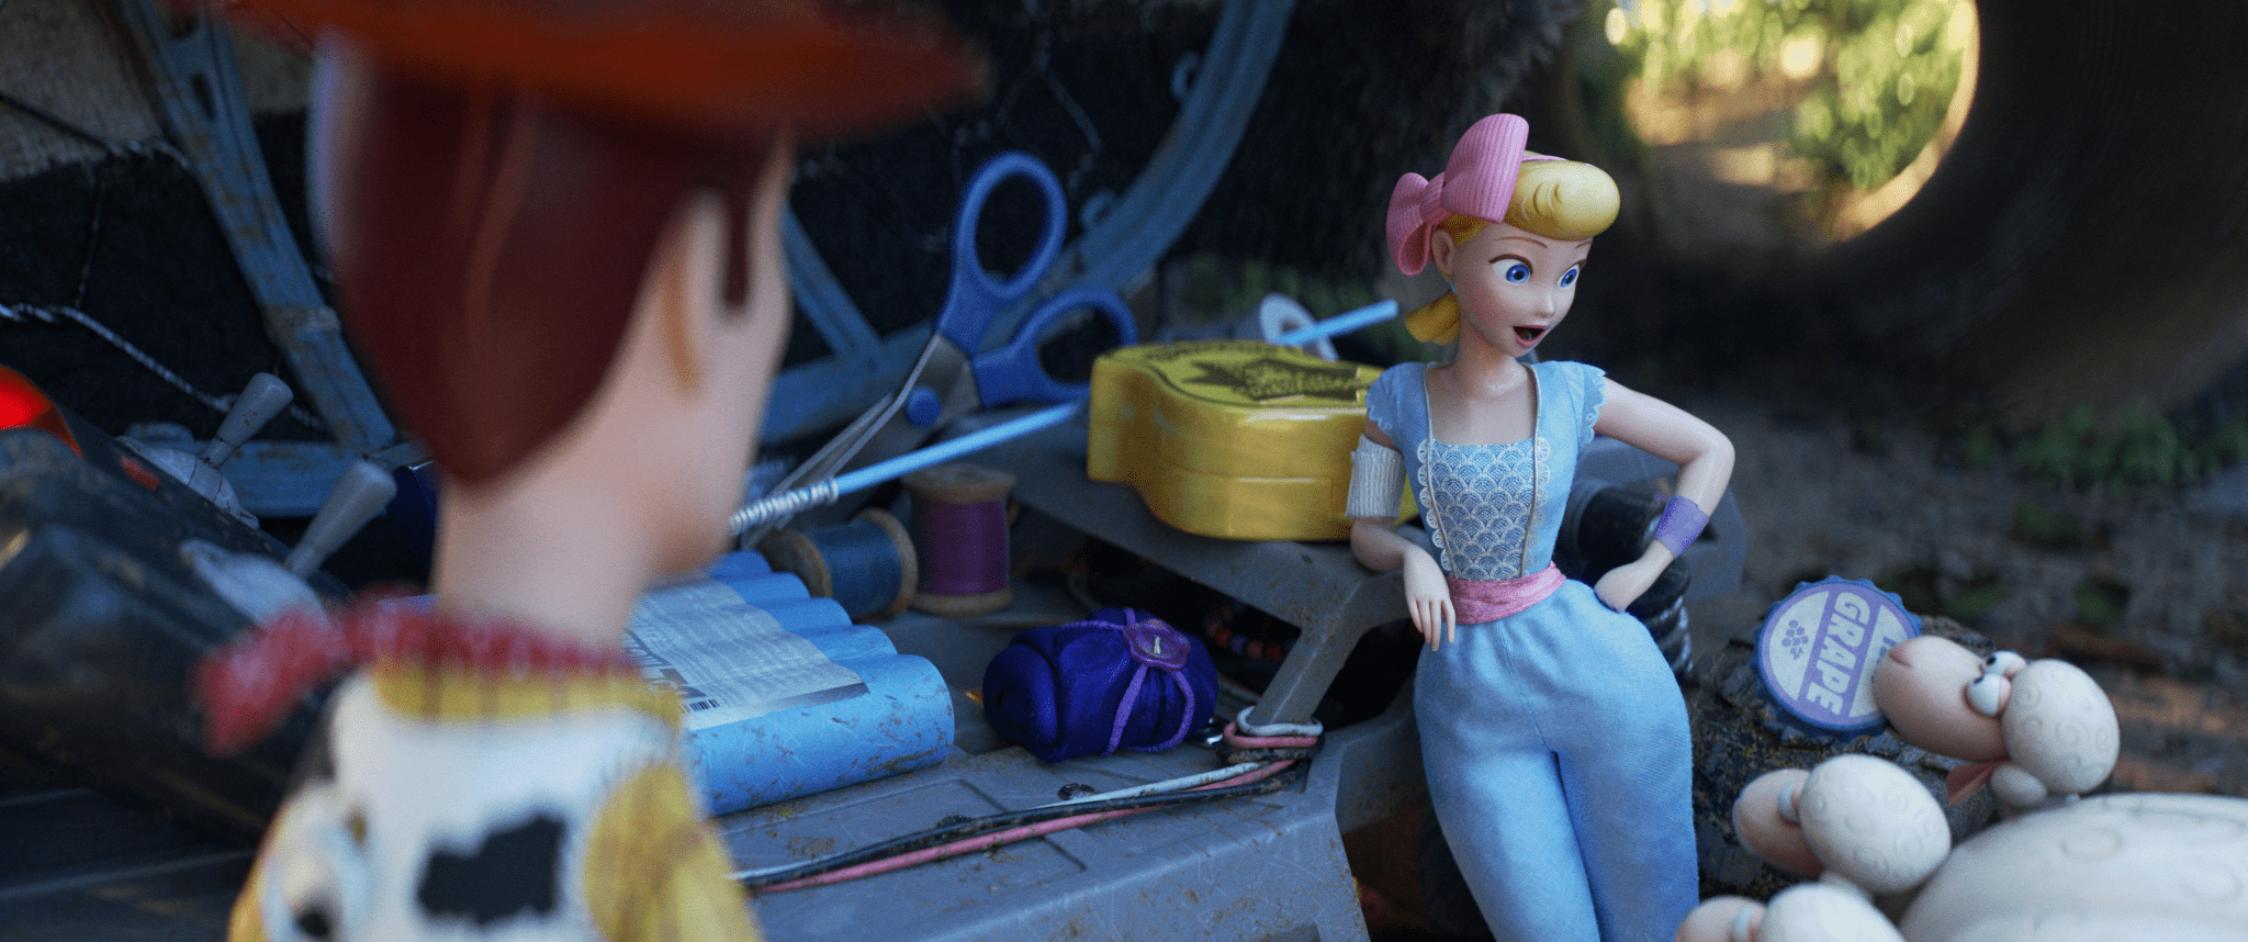 Toy Story 4 Bo Peep Toy Story Bo Peep Toy Story Bo Peep